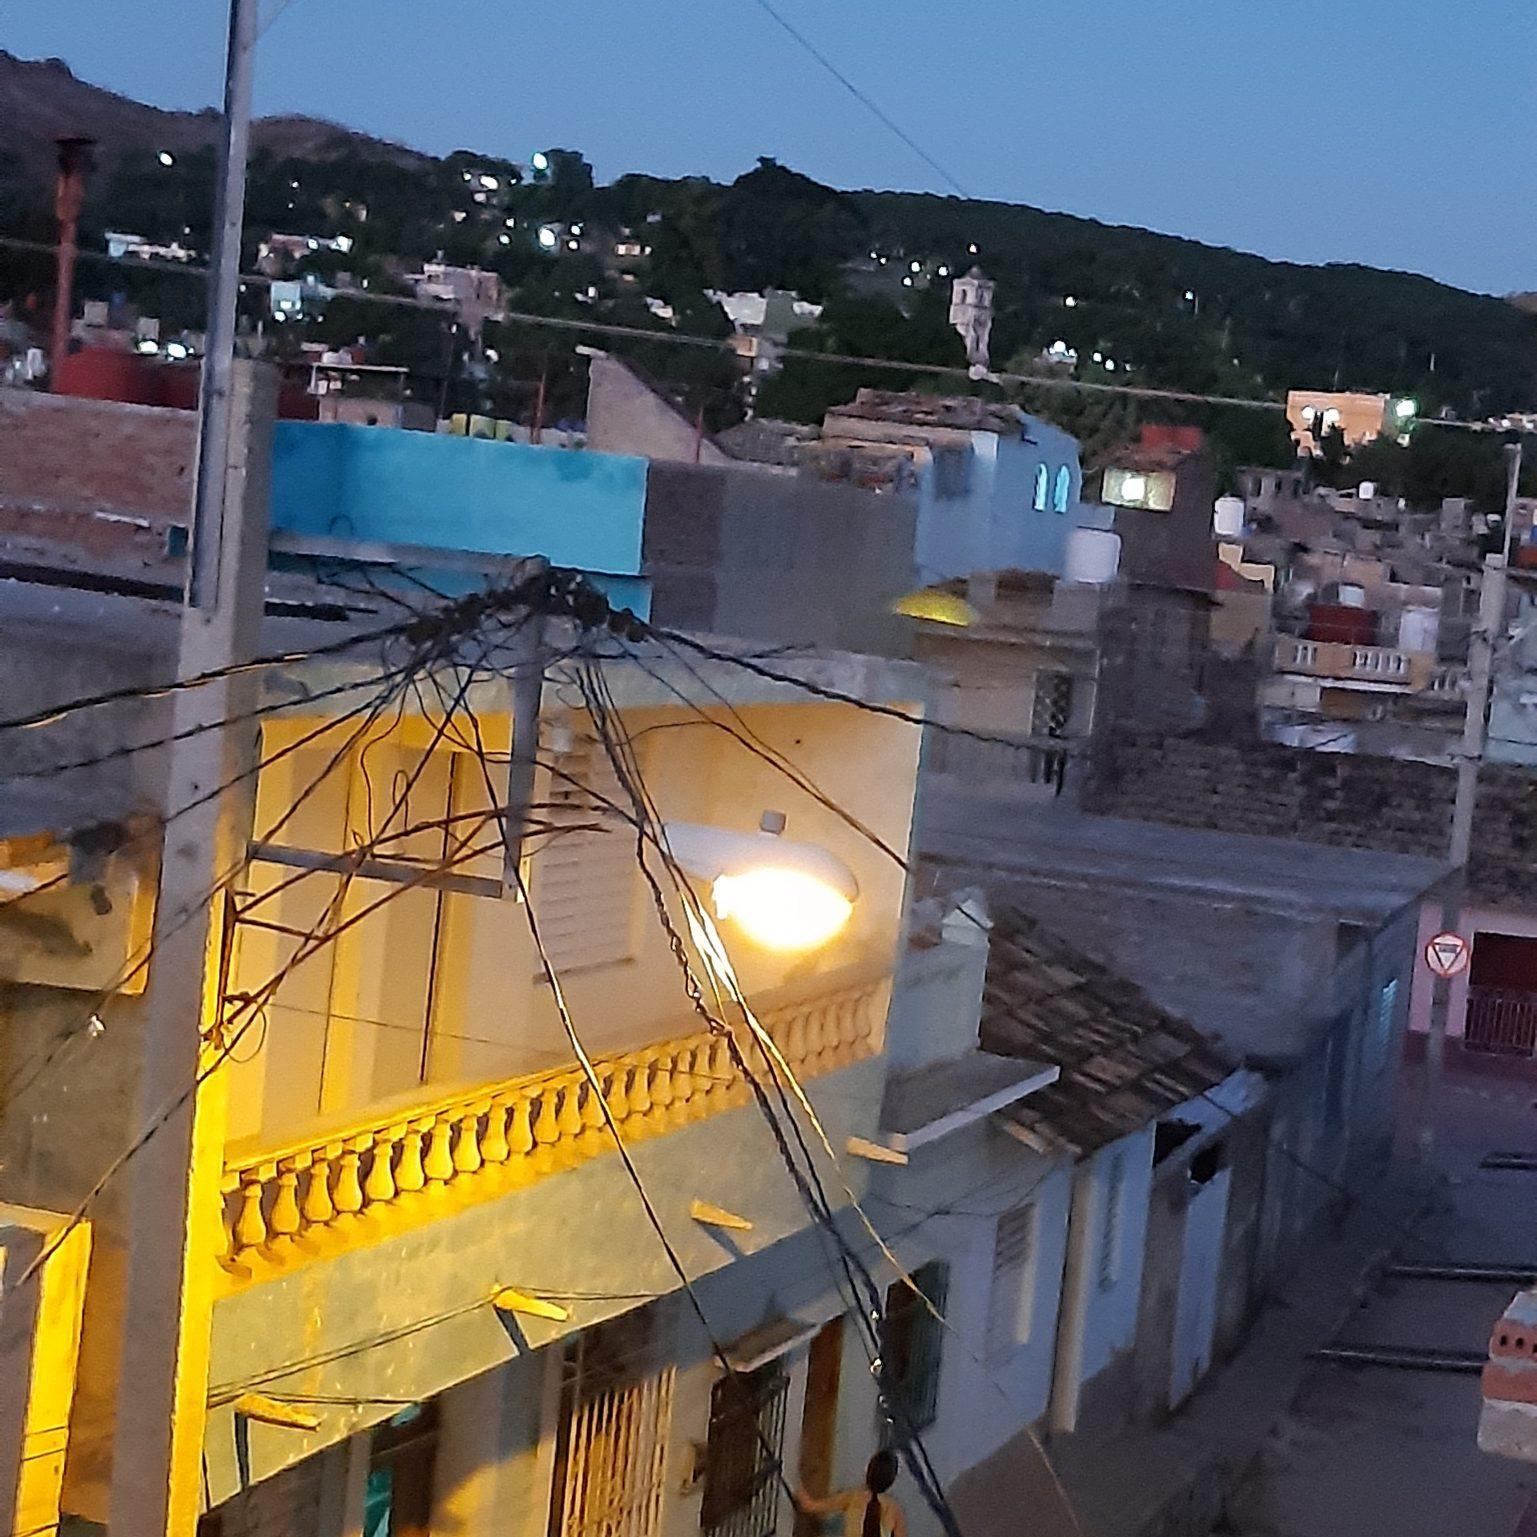 Trinidad über den Dächern abedns